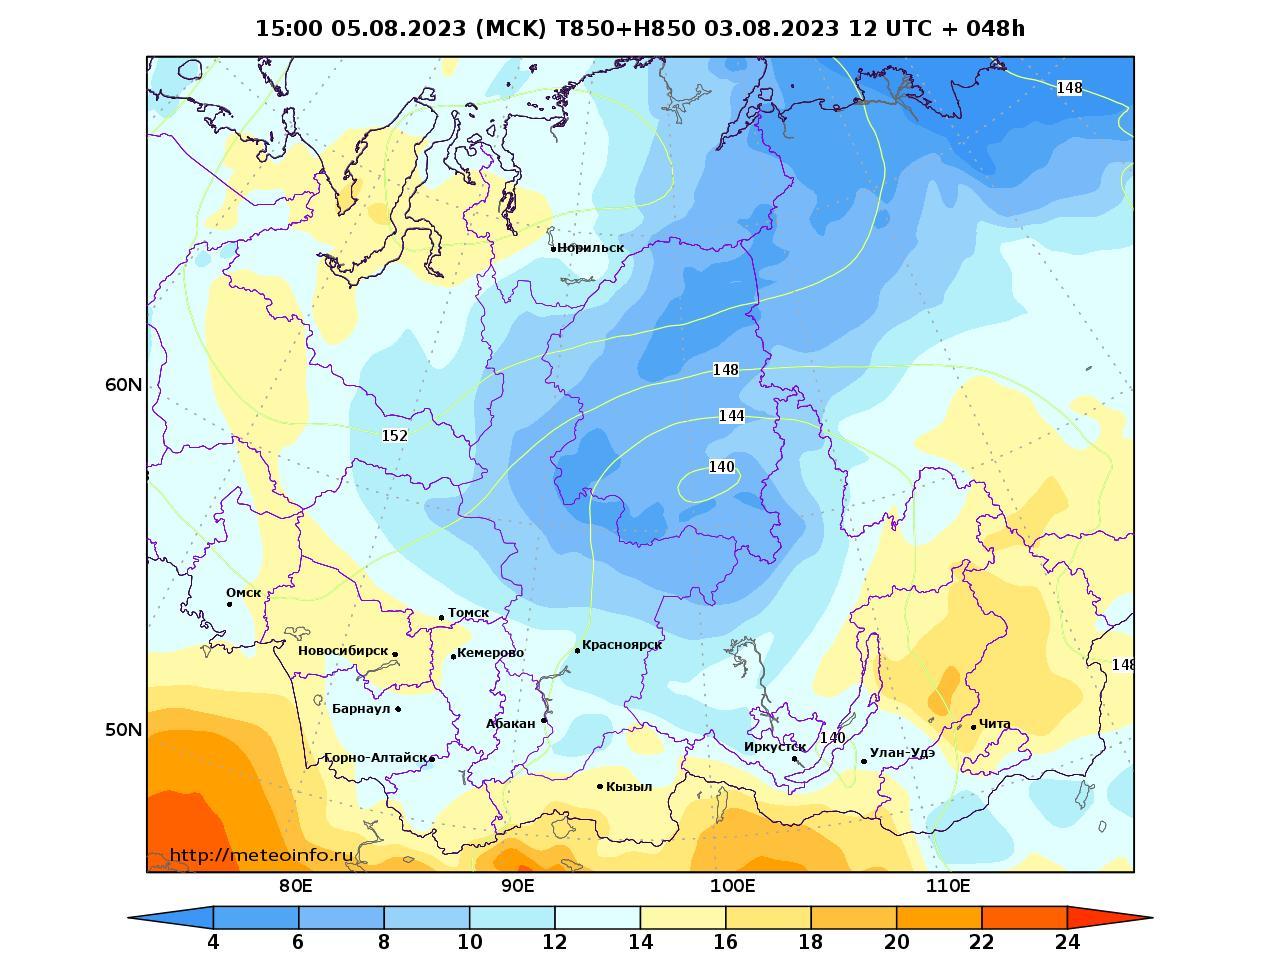 Сибирский Федеральный округ, прогностическая карта температура T850 и геопотенциал H850, заблаговременность прогноза 48 часов